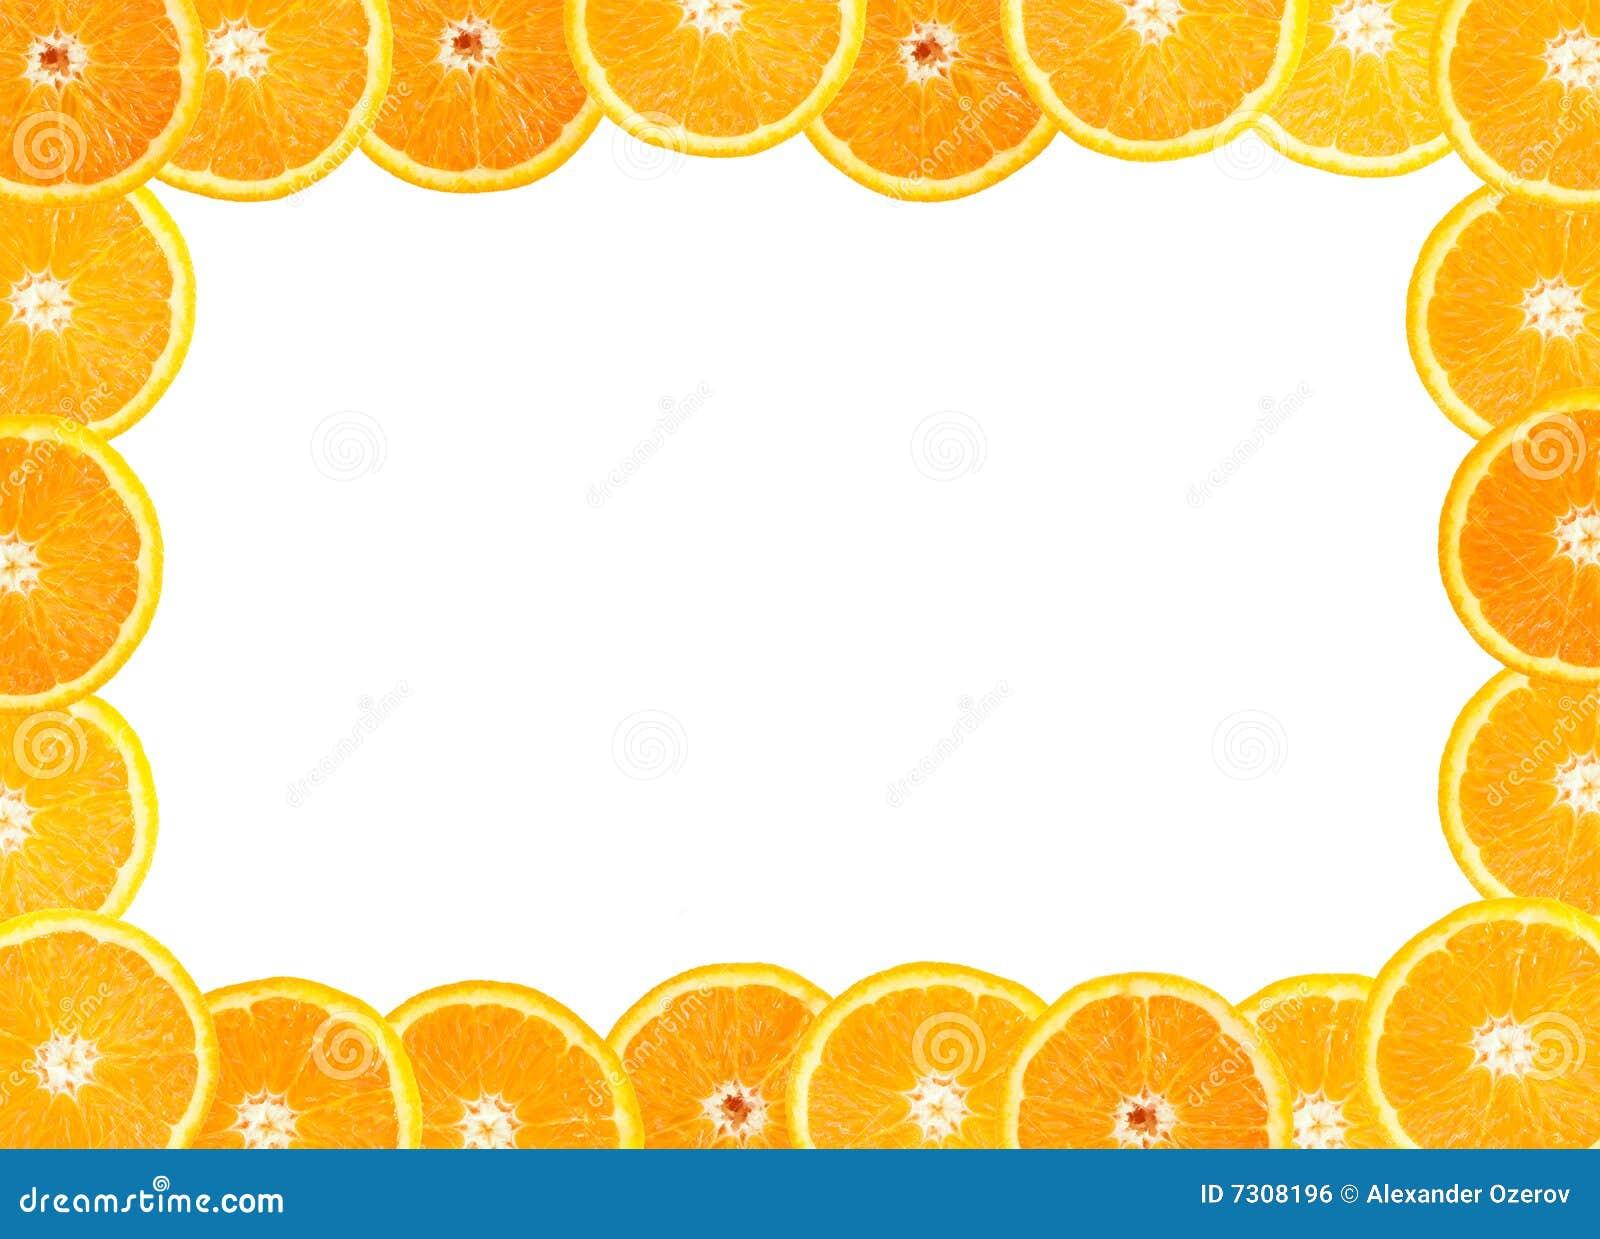 Pagina di frutta arancione fresca